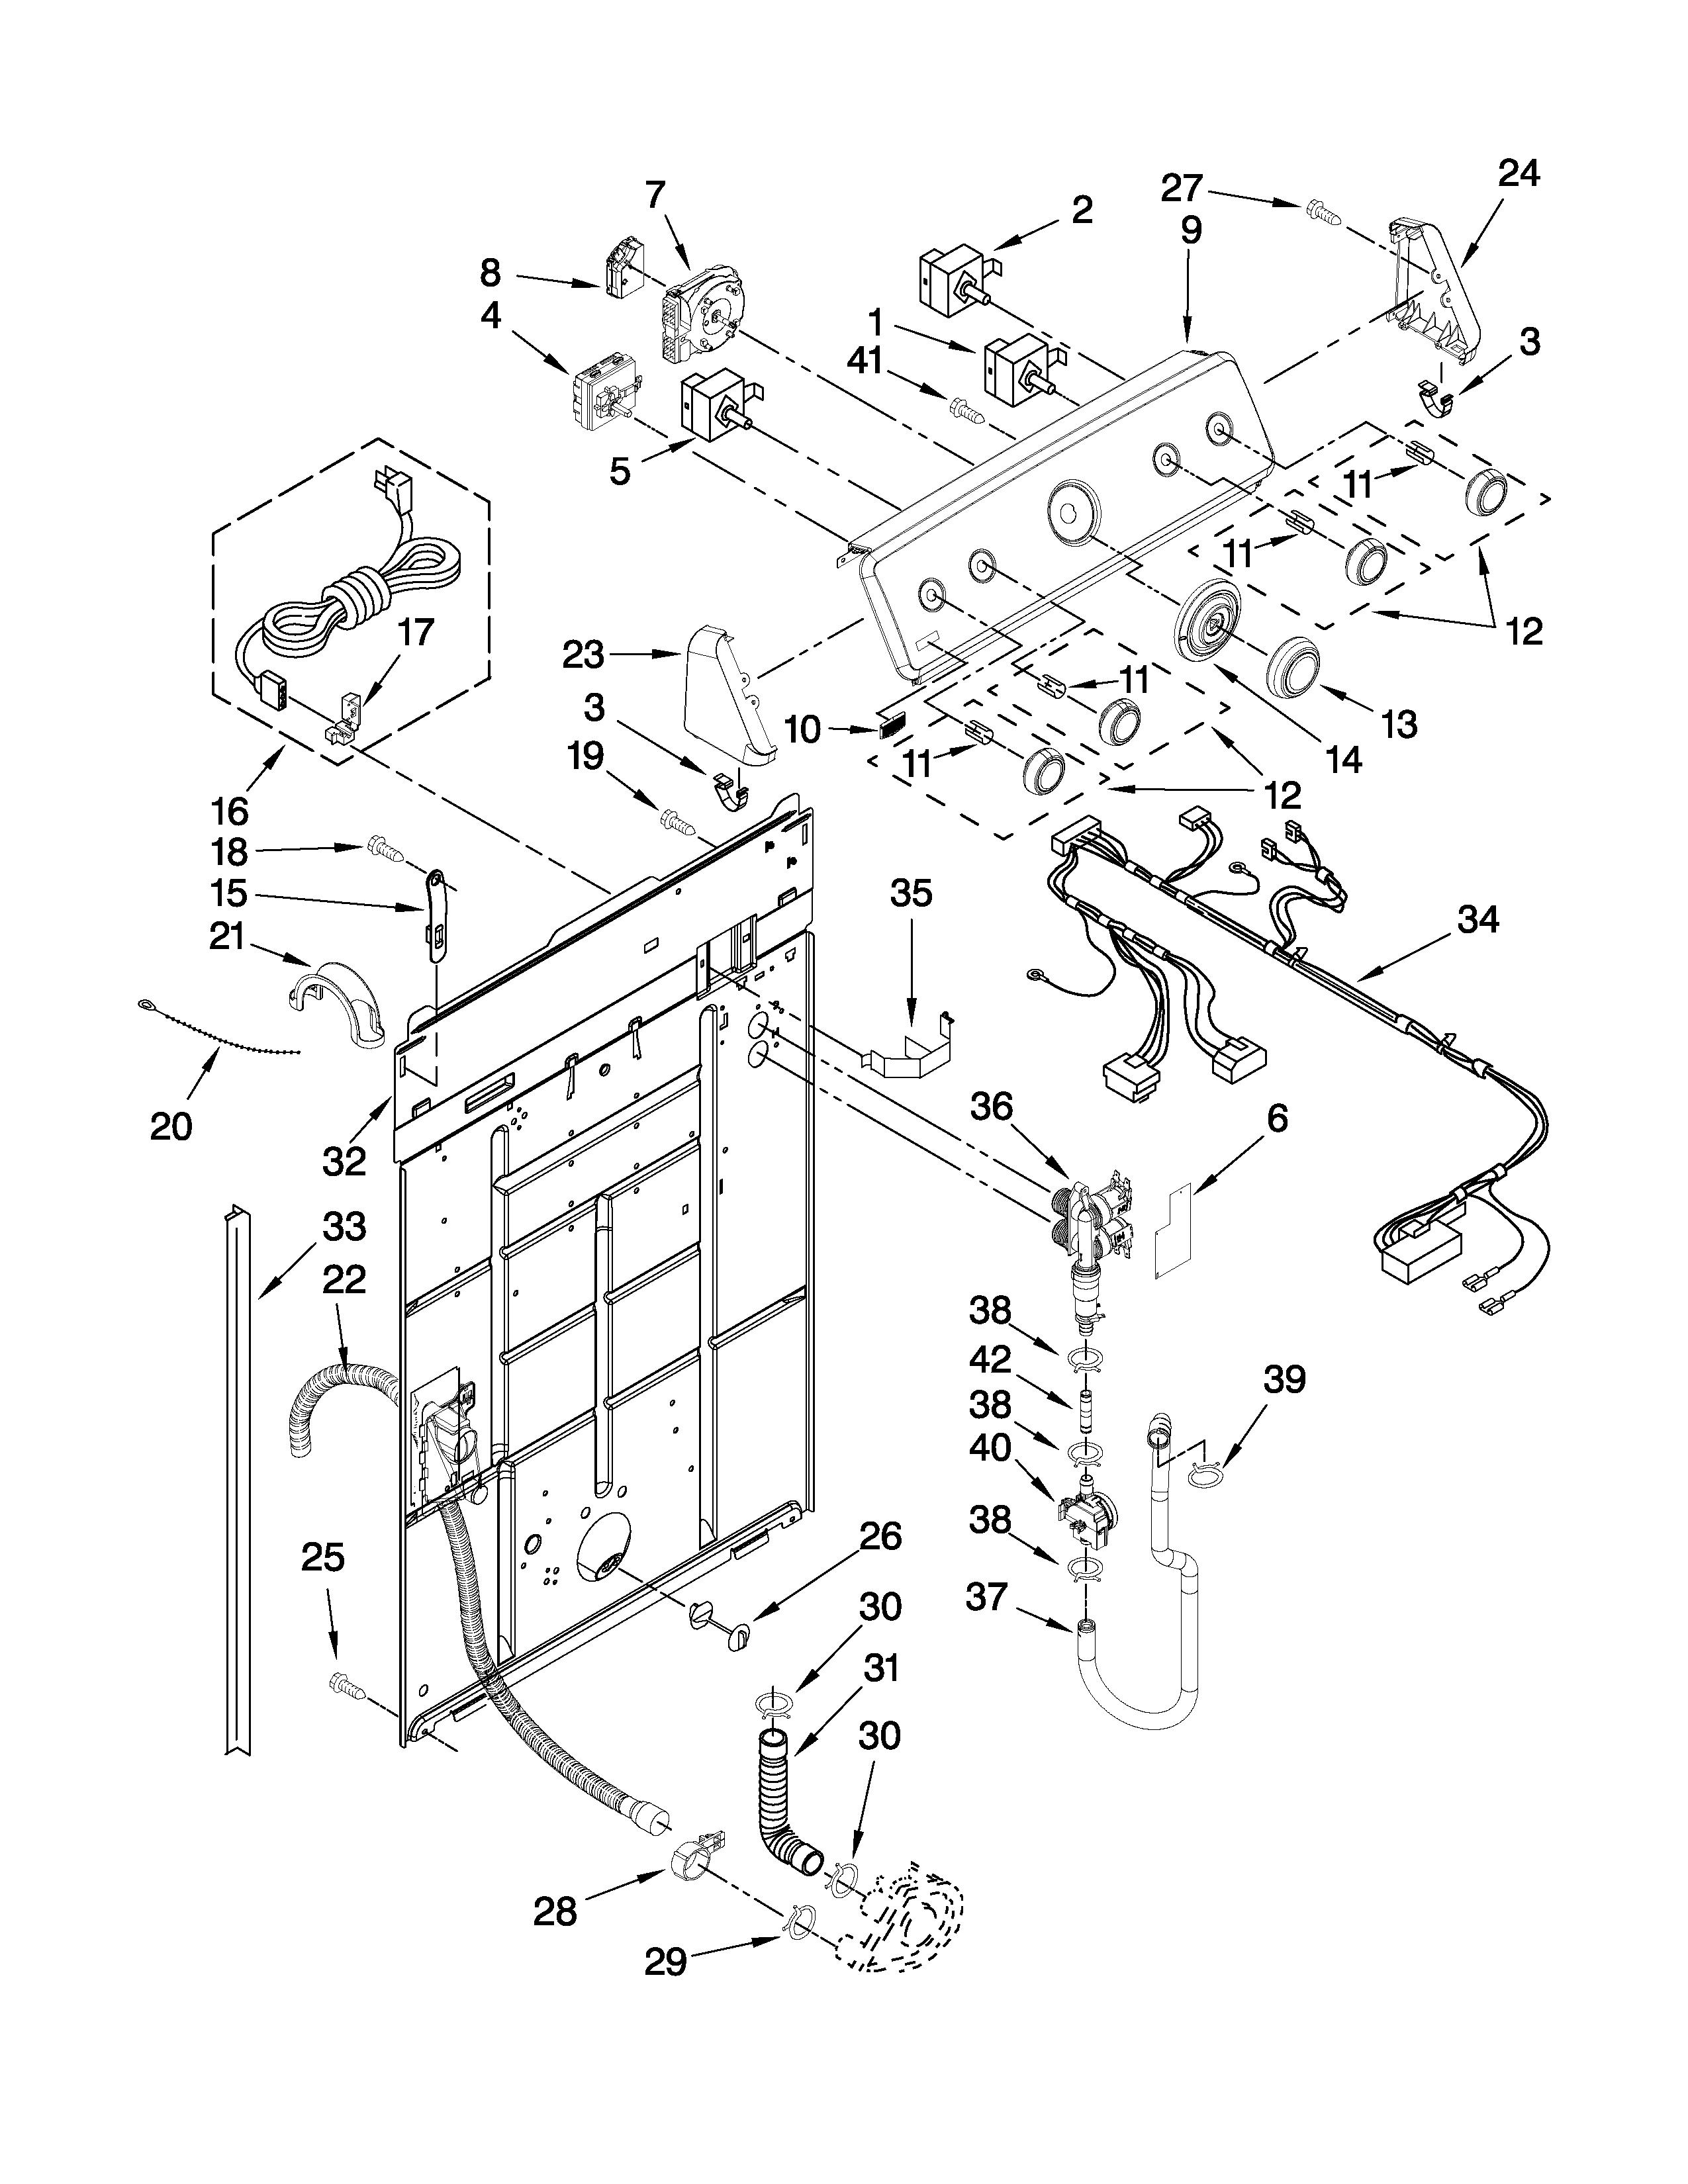 maytag washer wiring diagram 3158710